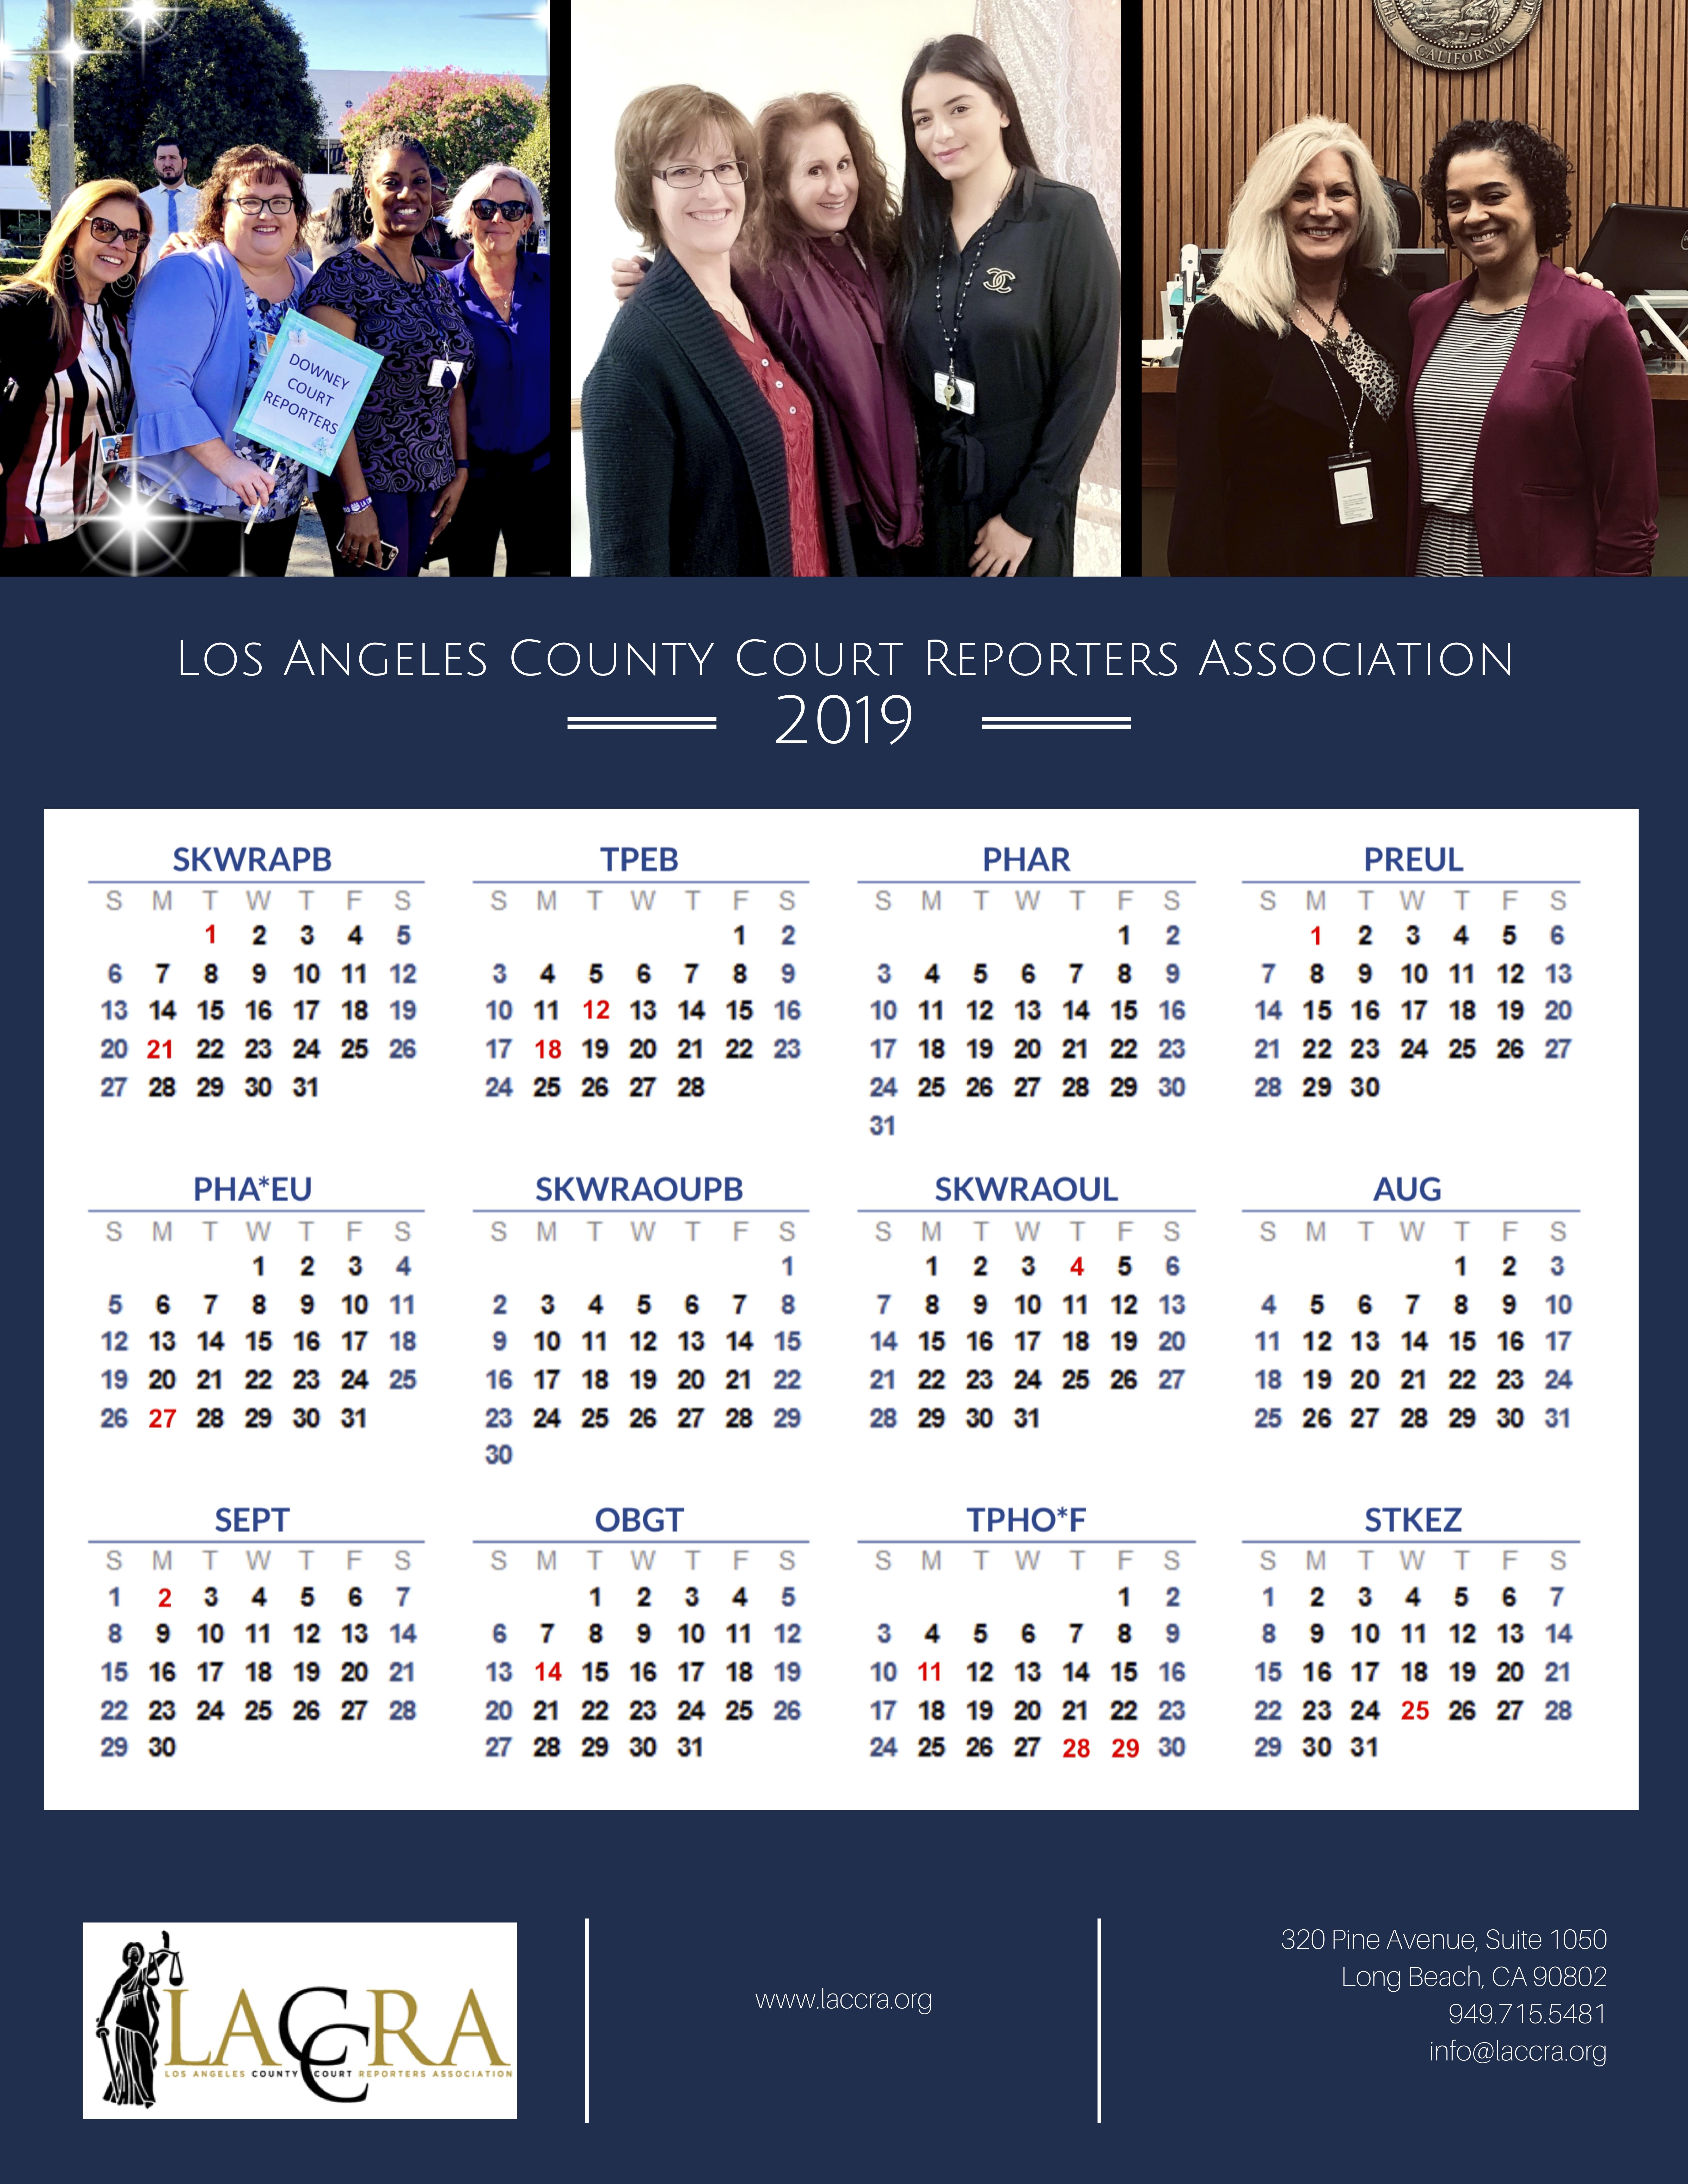 2019 Calendar With Los Angeles Superior Court Calendar